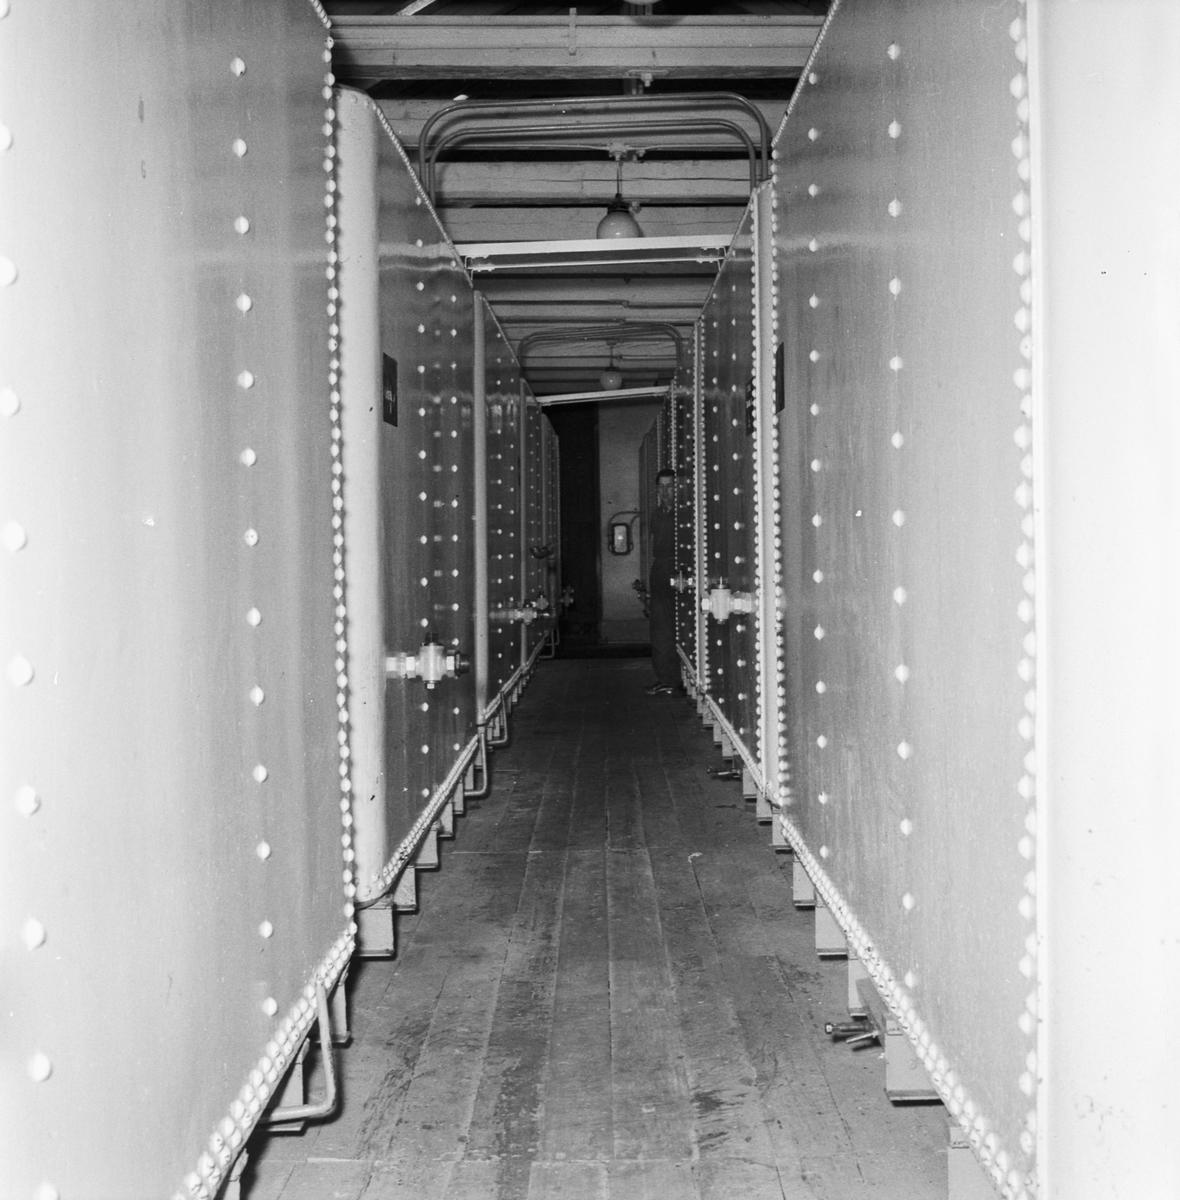 Övrigt: Foto datum: 16/5 1956 Byggnader och kranar Oljefabriken interiör och personal